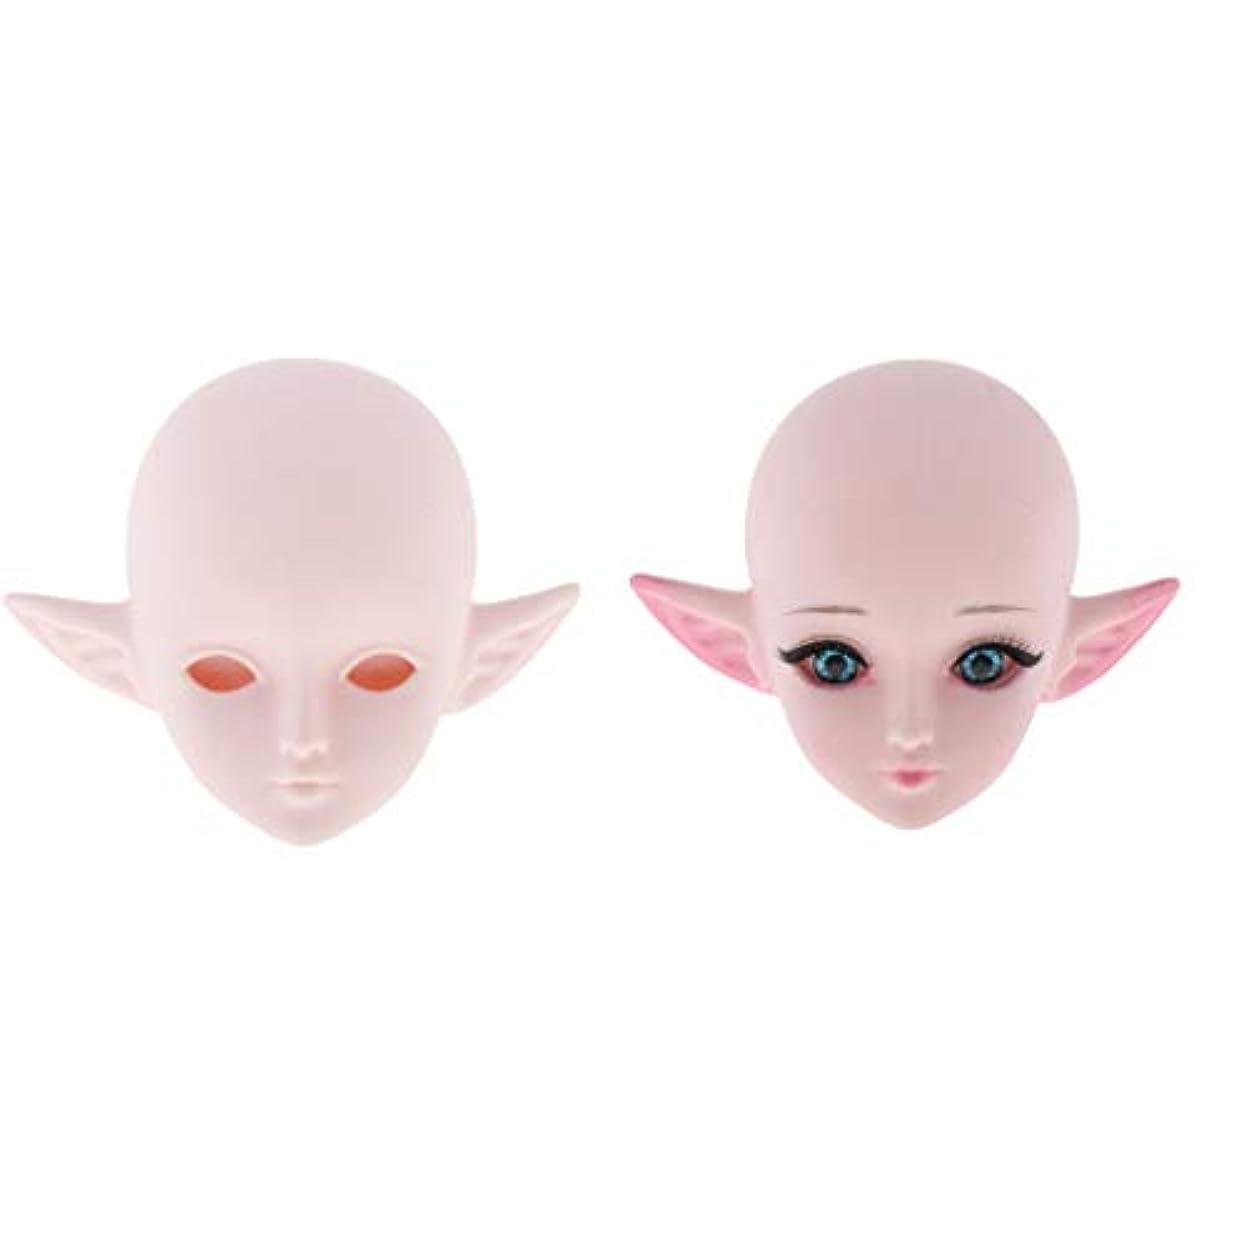 溶岩仮定、想定。推測に対処するSM SunniMix ドールヘッド 1/3スケール ドール頭 エルフ耳付き 女性フェイス 交換用 60cmBJD用 2個セット